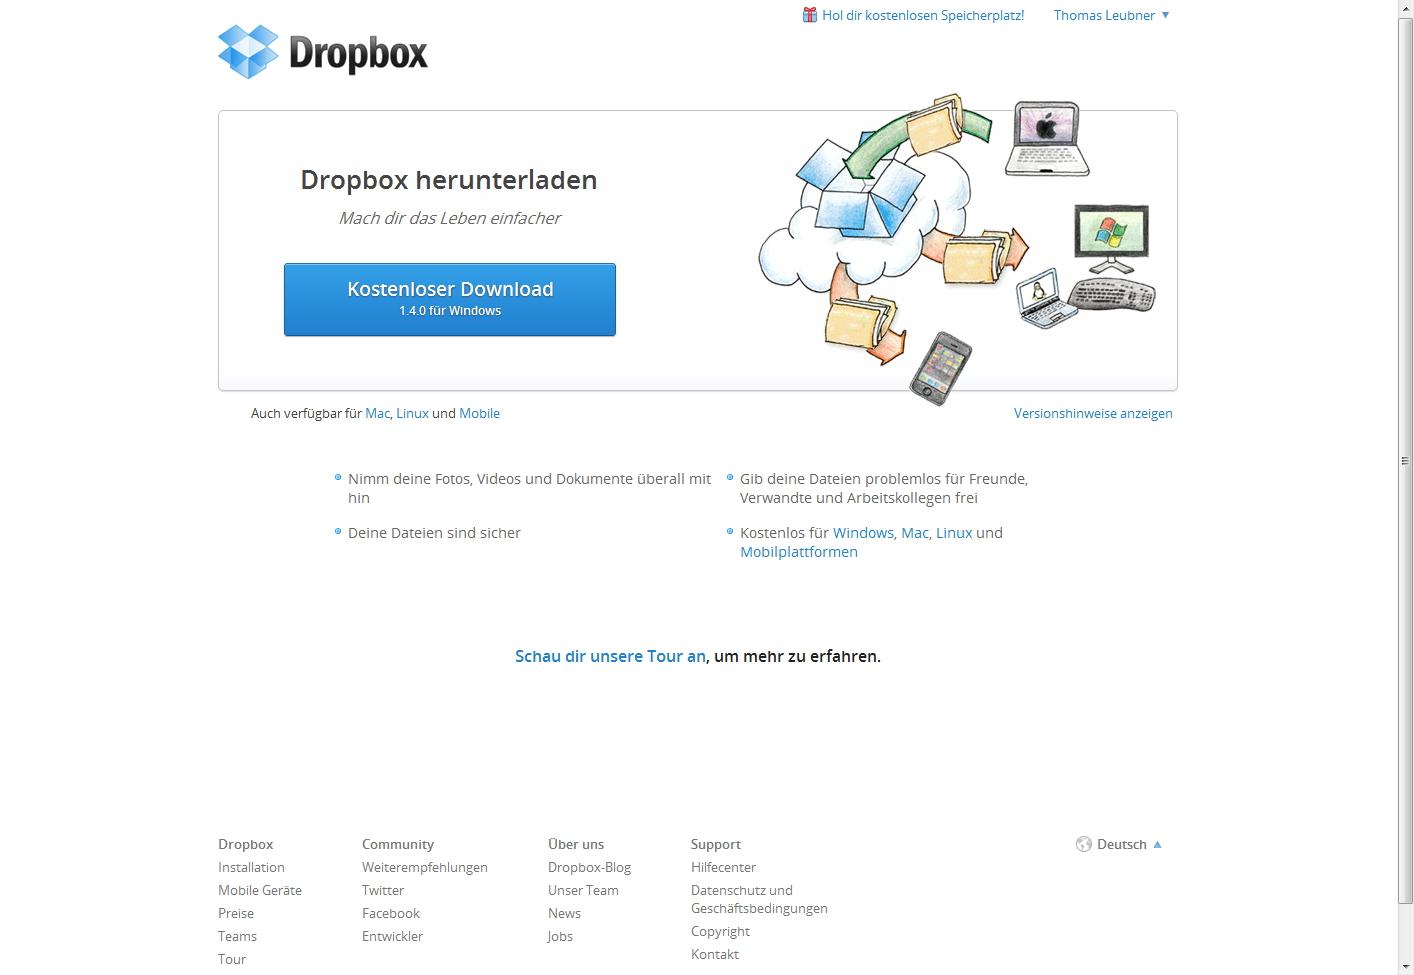 DropBox Version 1.40 für Windows